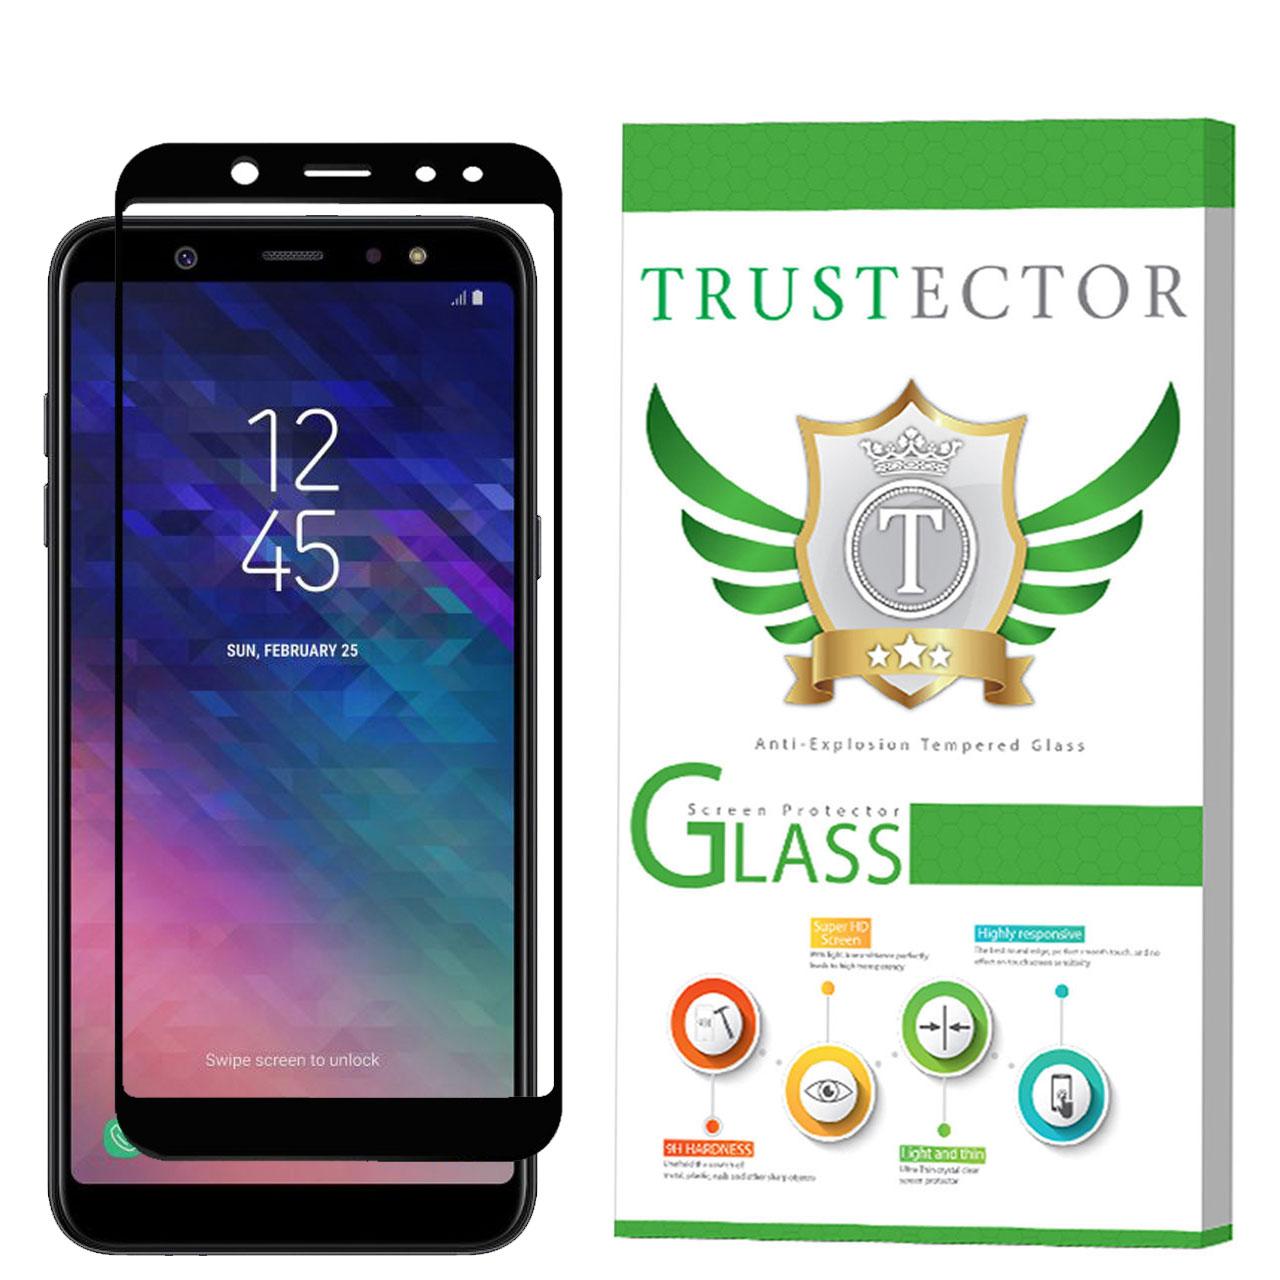 بررسی و {خرید با تخفیف} محافظ صفحه نمایش سرامیکی تراستکتور مدل CMC-T مناسب برای گوشی موبایل سامسونگ Galaxy A6 Plus 2018 اصل